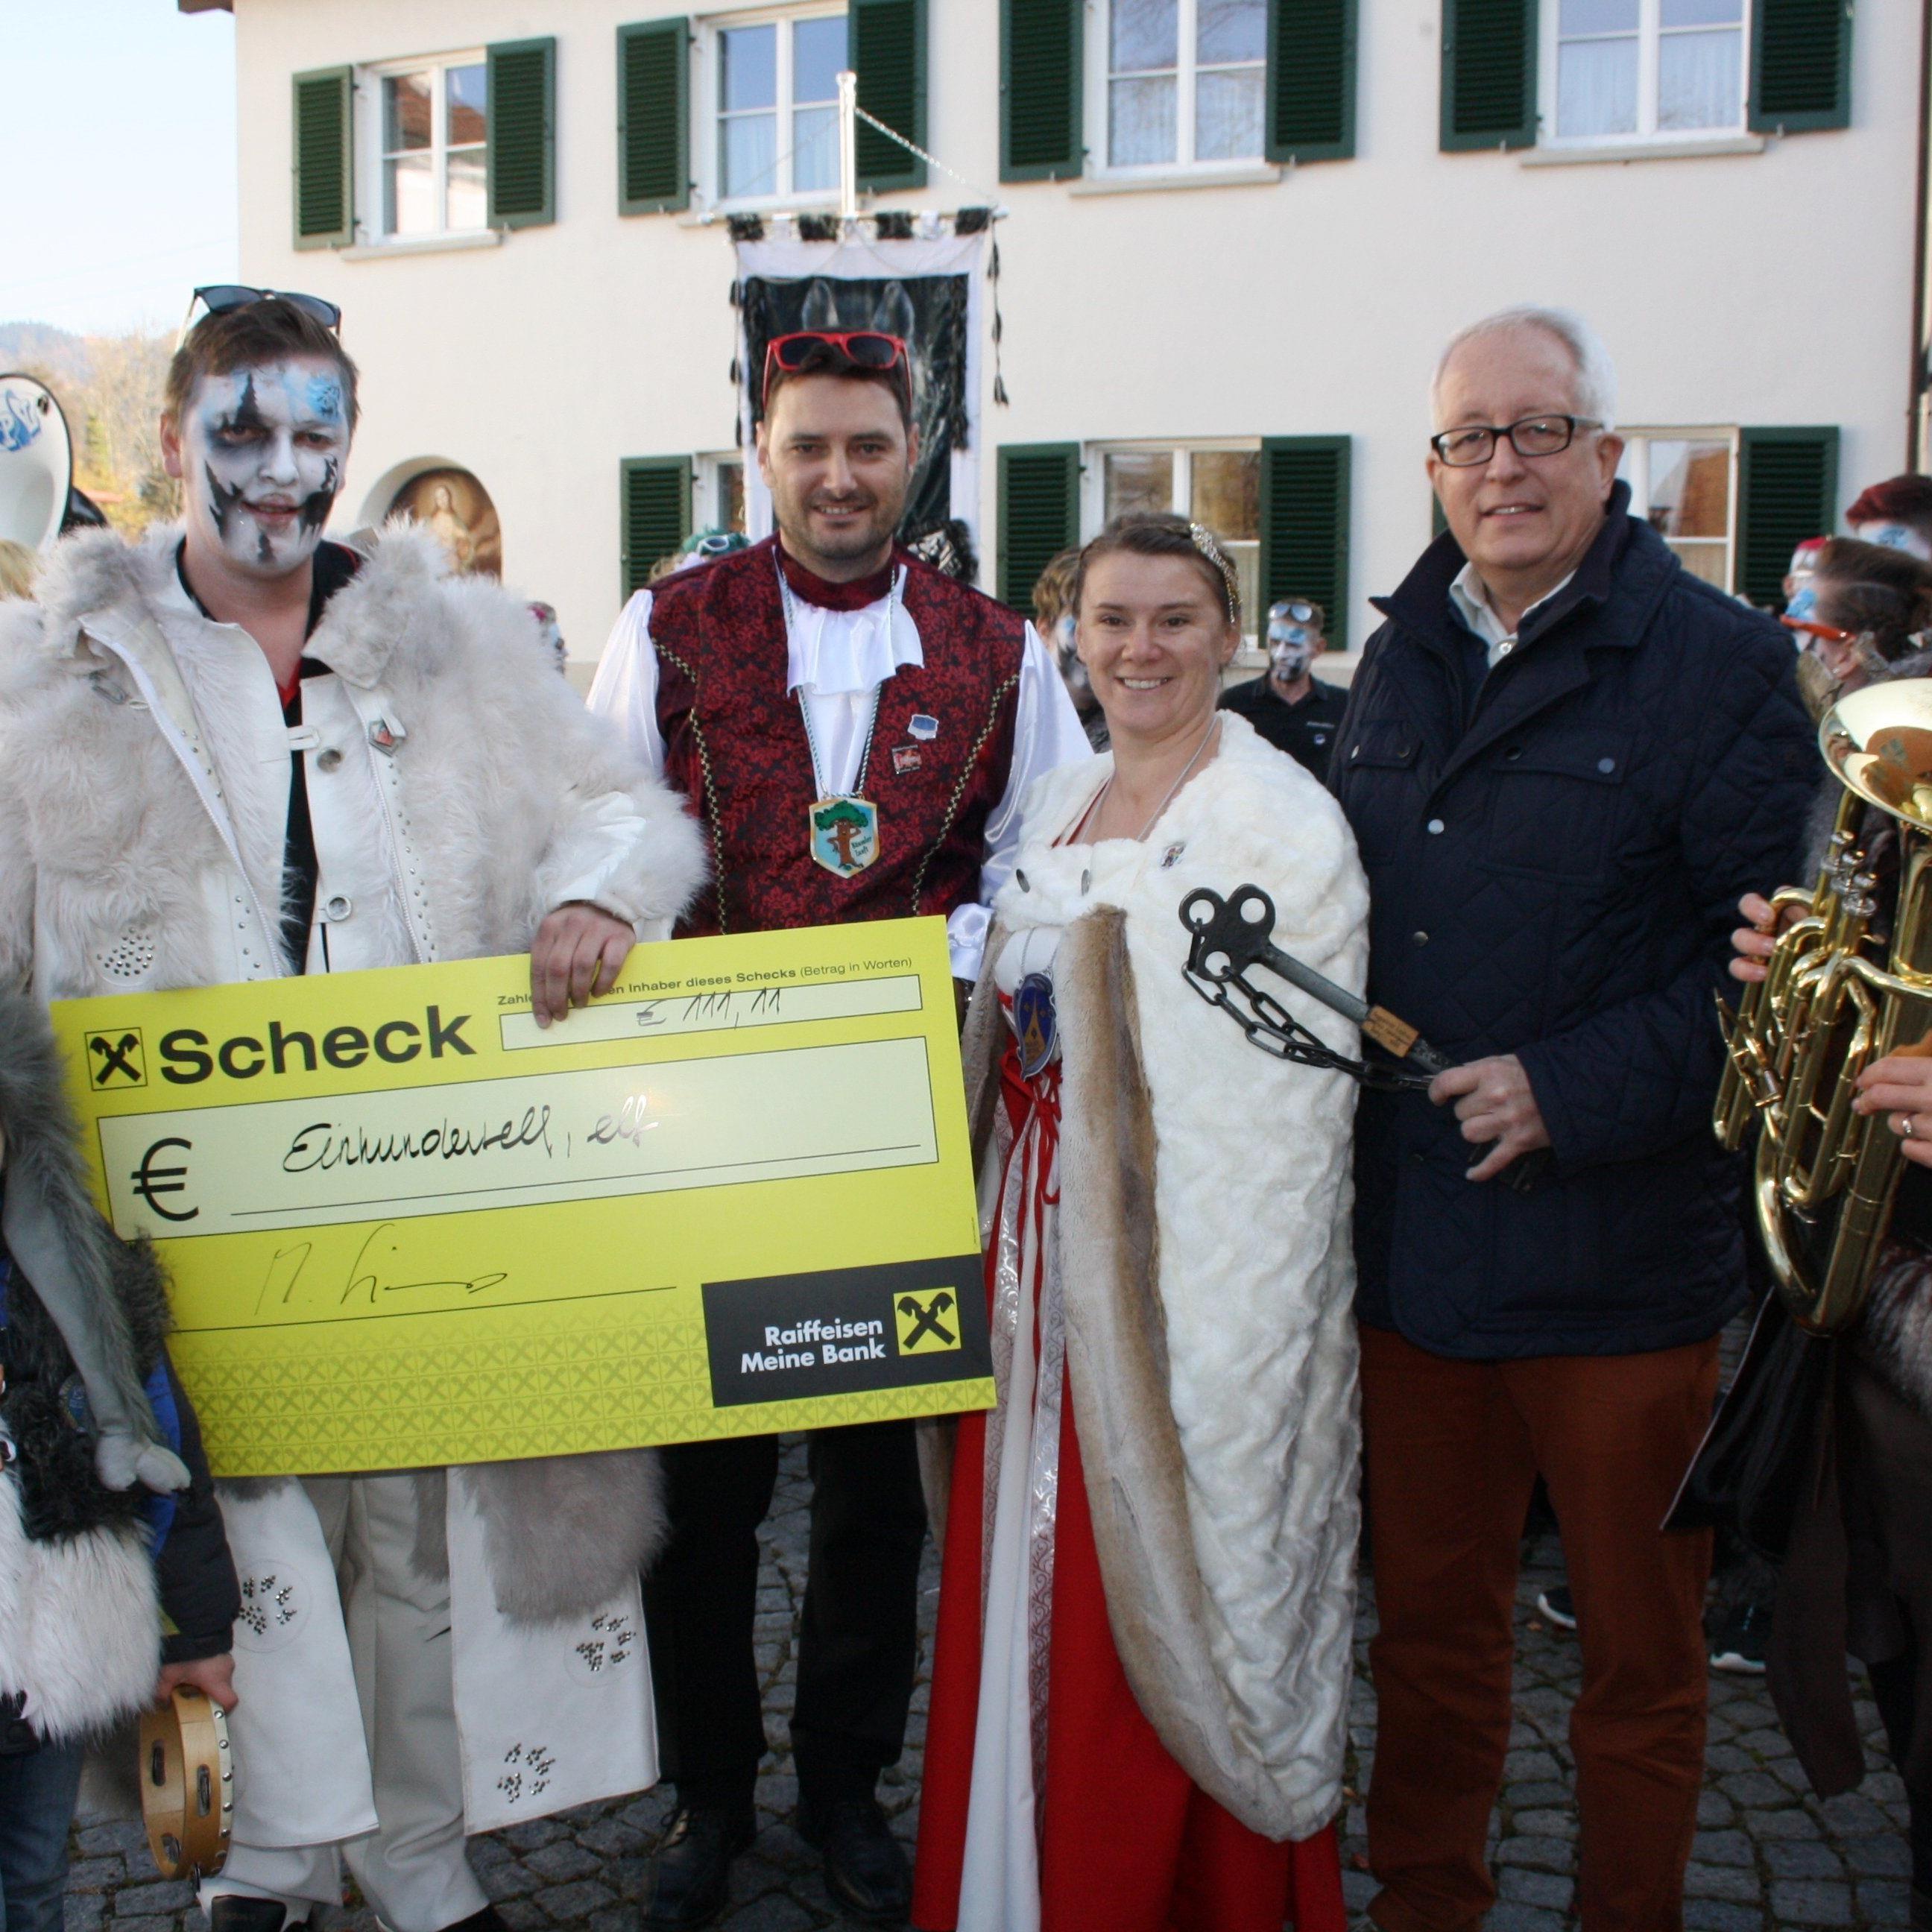 """Traditionell überreichte Bürgermeister Michael Simma den symbolischen """"111,11 Euro""""-Scheck"""" und bedankte sich bei den engagierten Organisatoren des """"Lochauer Kinderfasching 2016"""" für ihren Einsatz."""